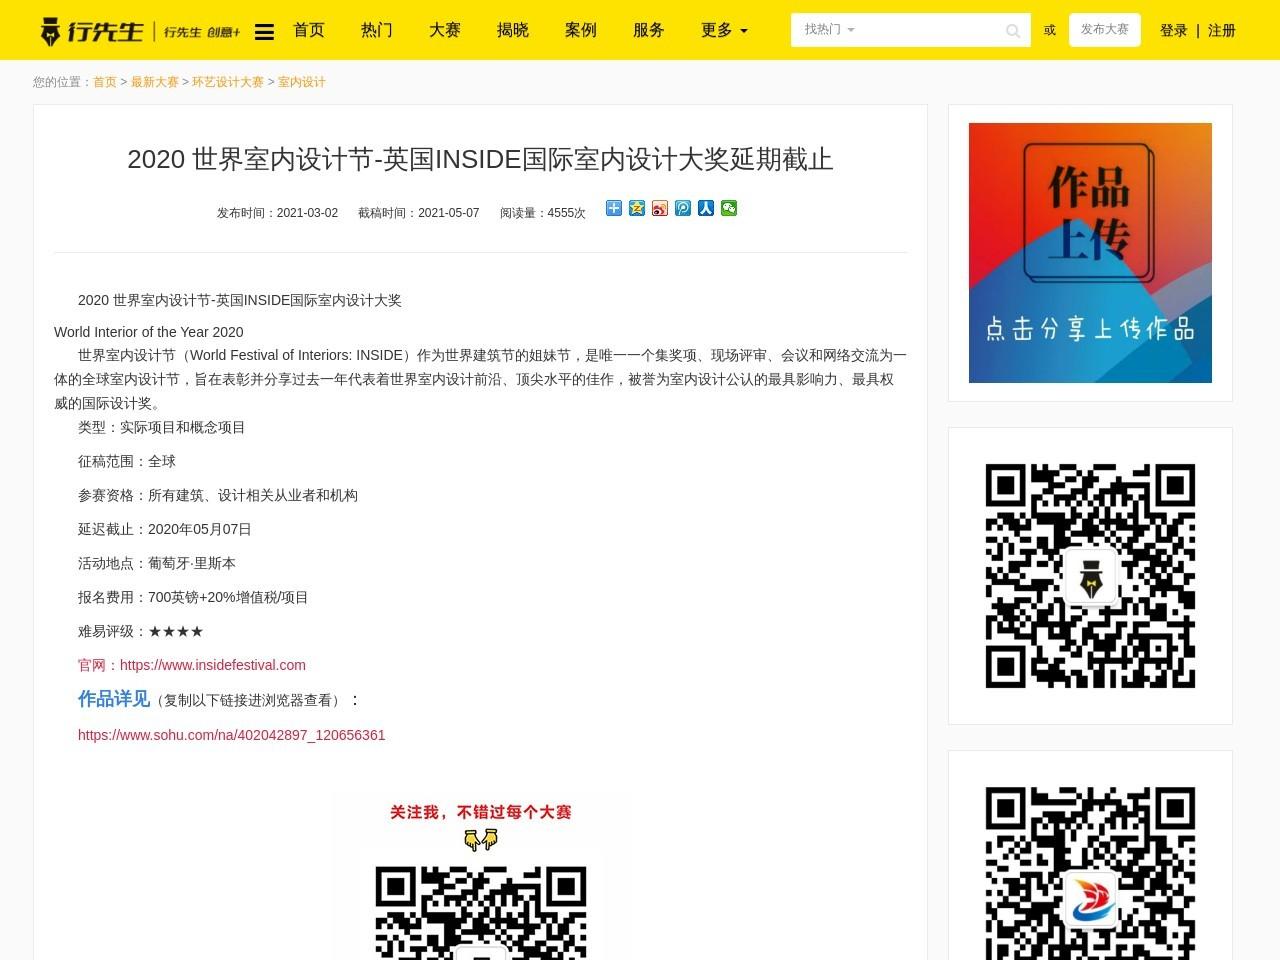 2020 世界室内设计节-英国INSIDE国际室内设计大奖延期截止